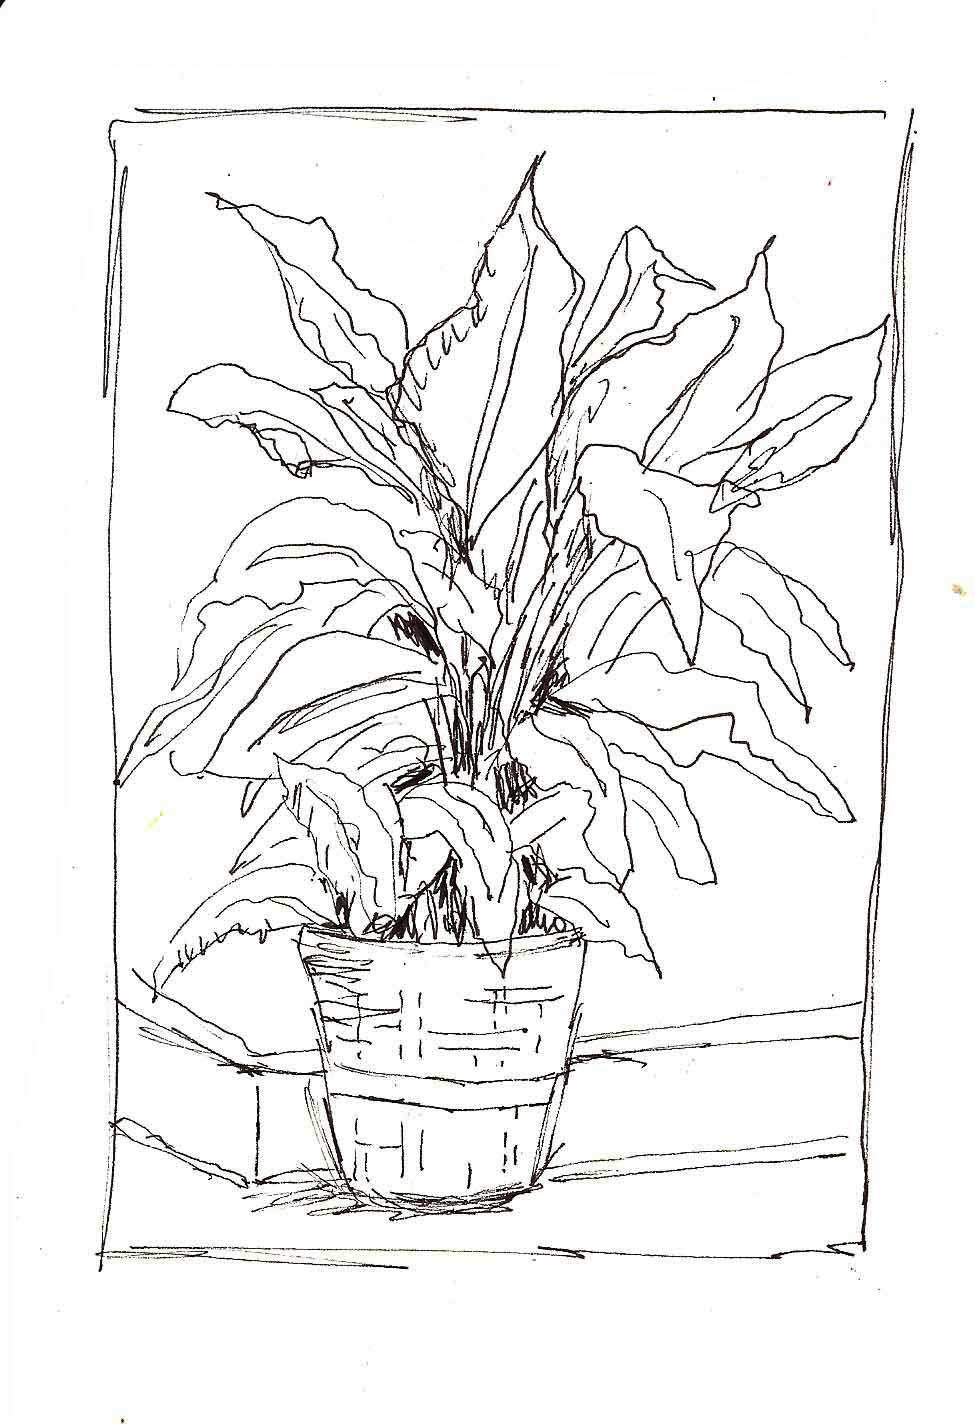 Art du Jour by Martha Lever: Pocket Sketching